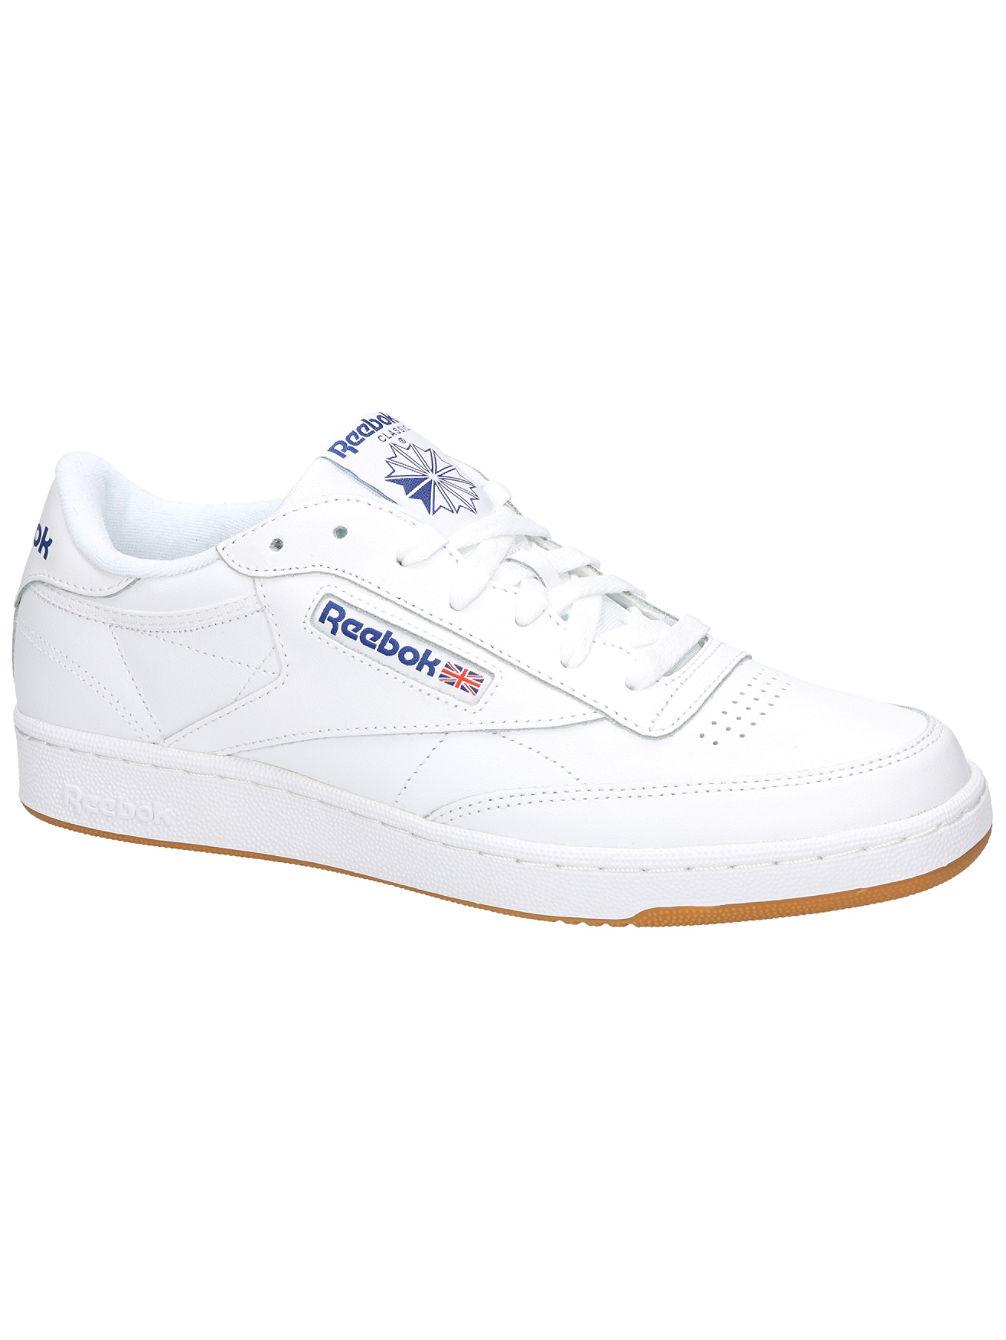 bieten eine große Auswahl an riesiges Inventar Qualität zuerst Club C85 Sneakers